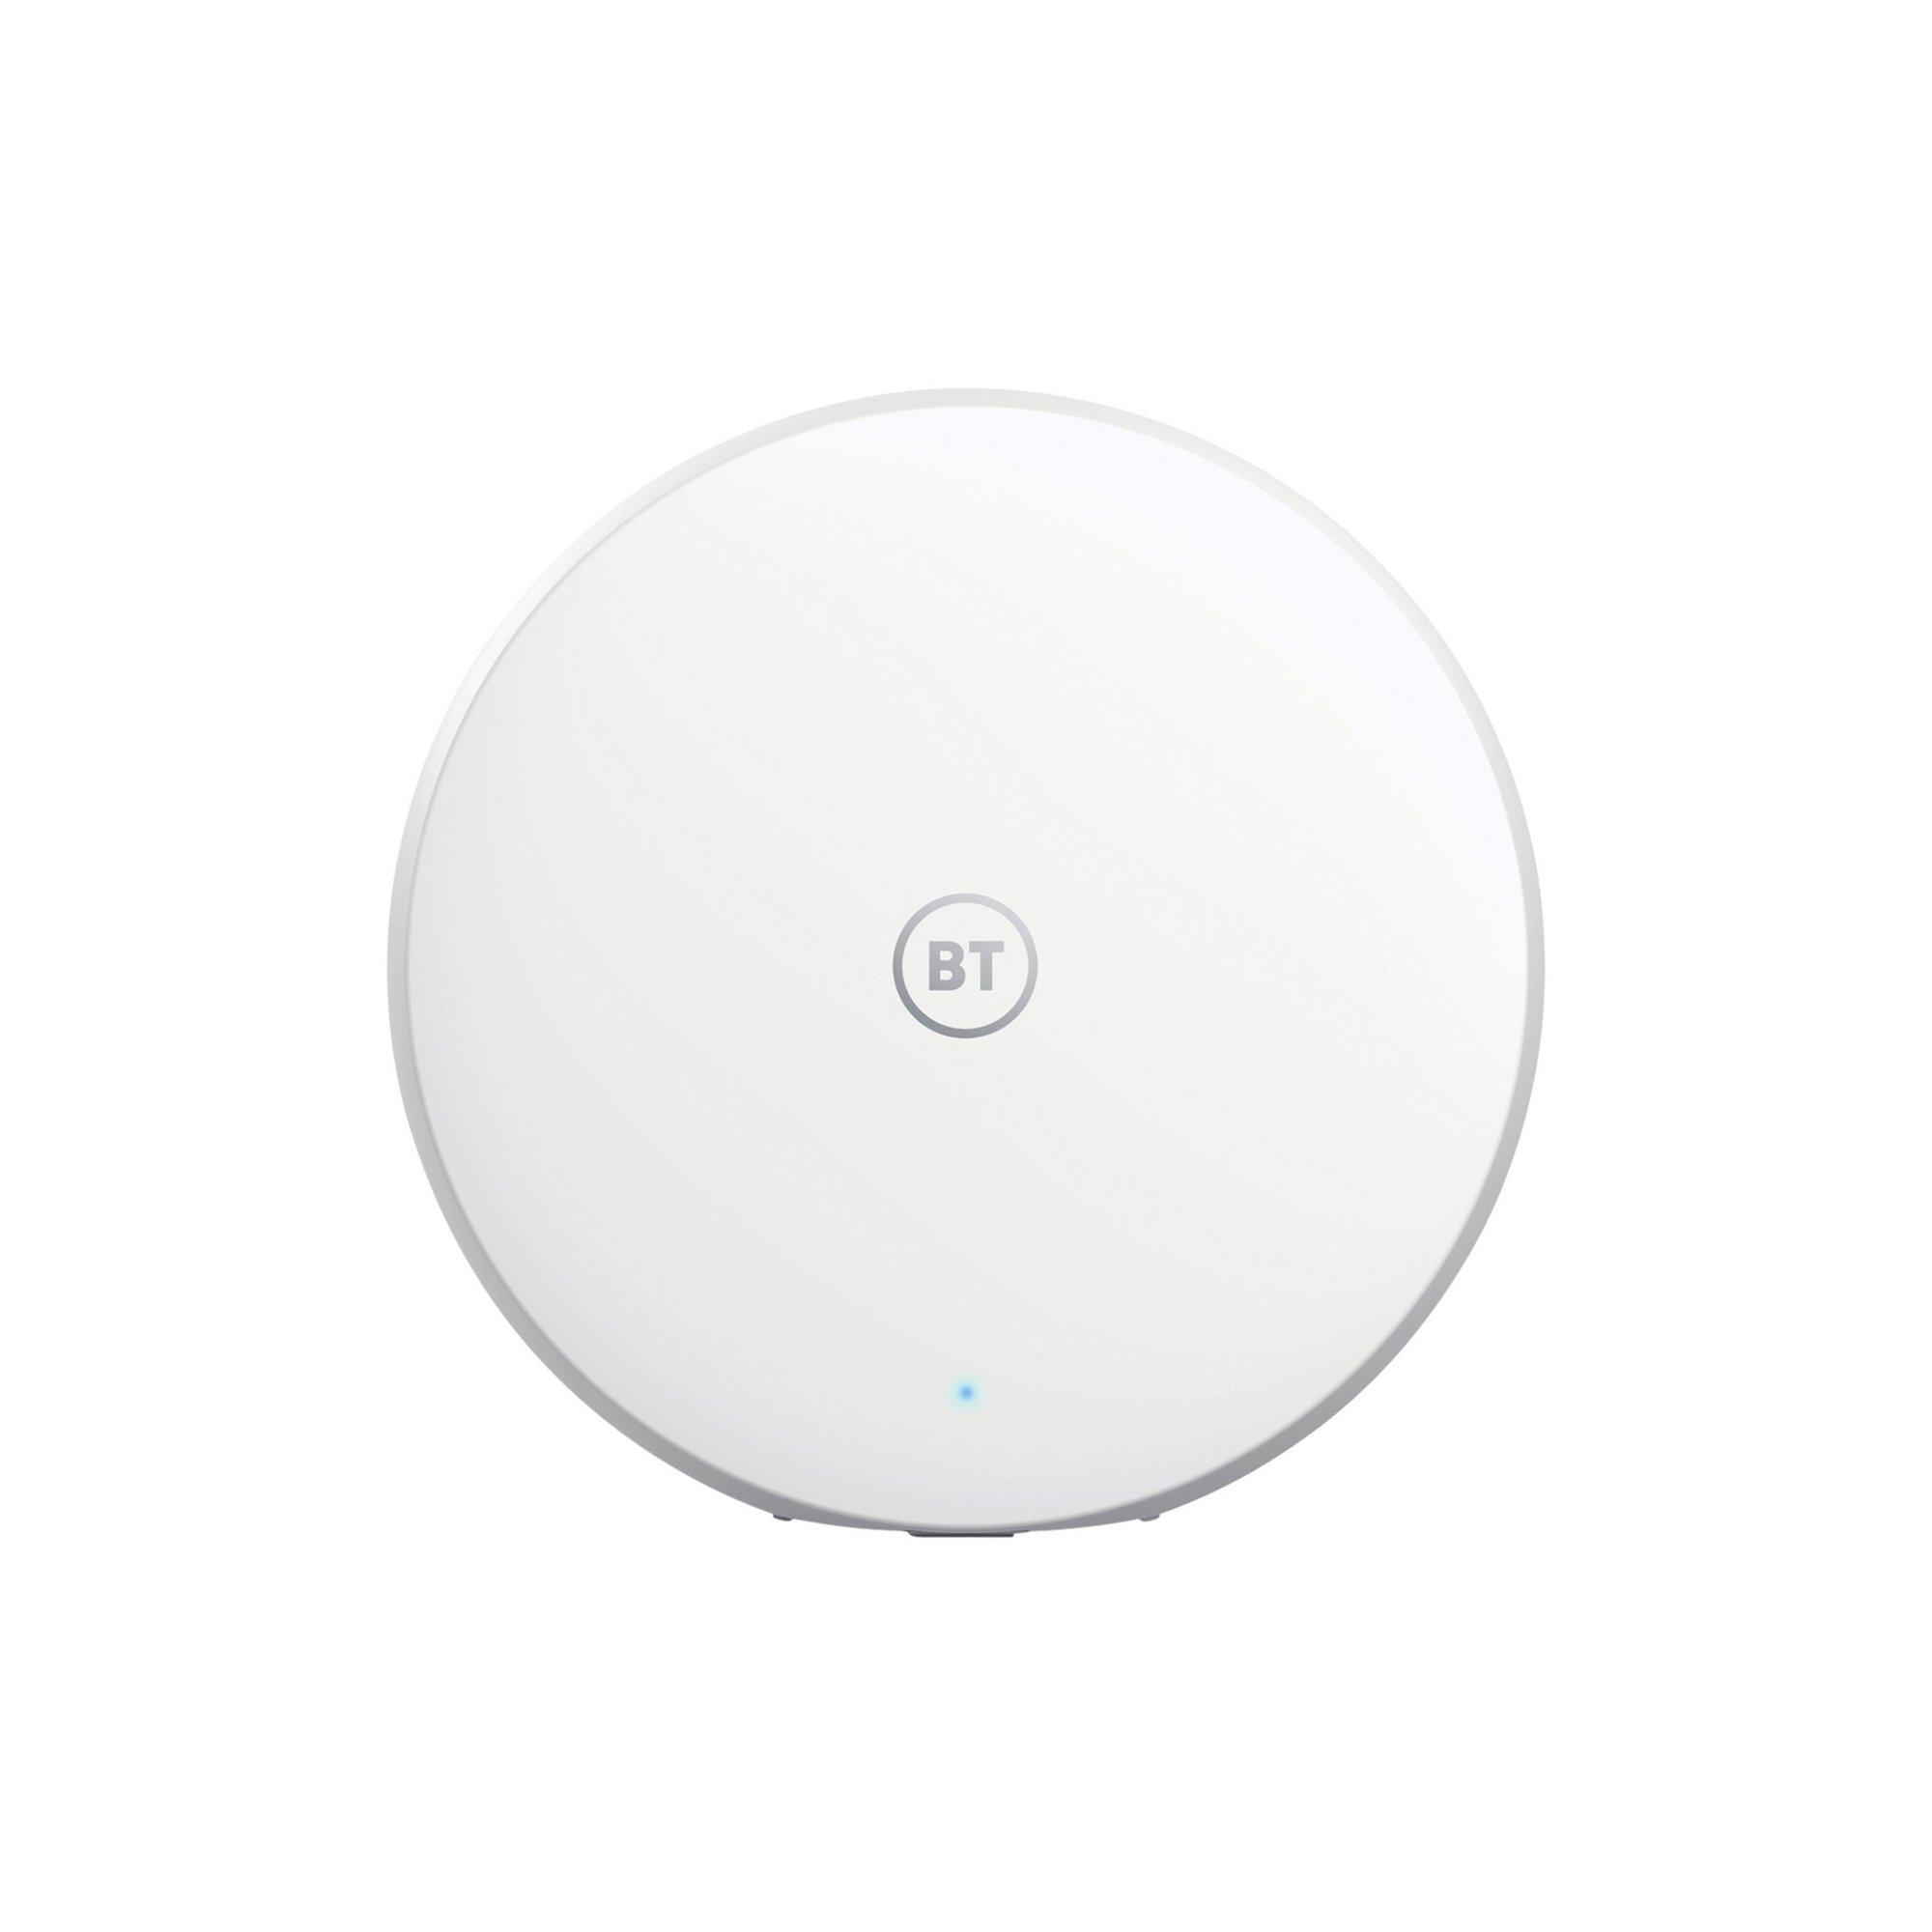 Image of BT Mini Whole Home Wi-Fi Single